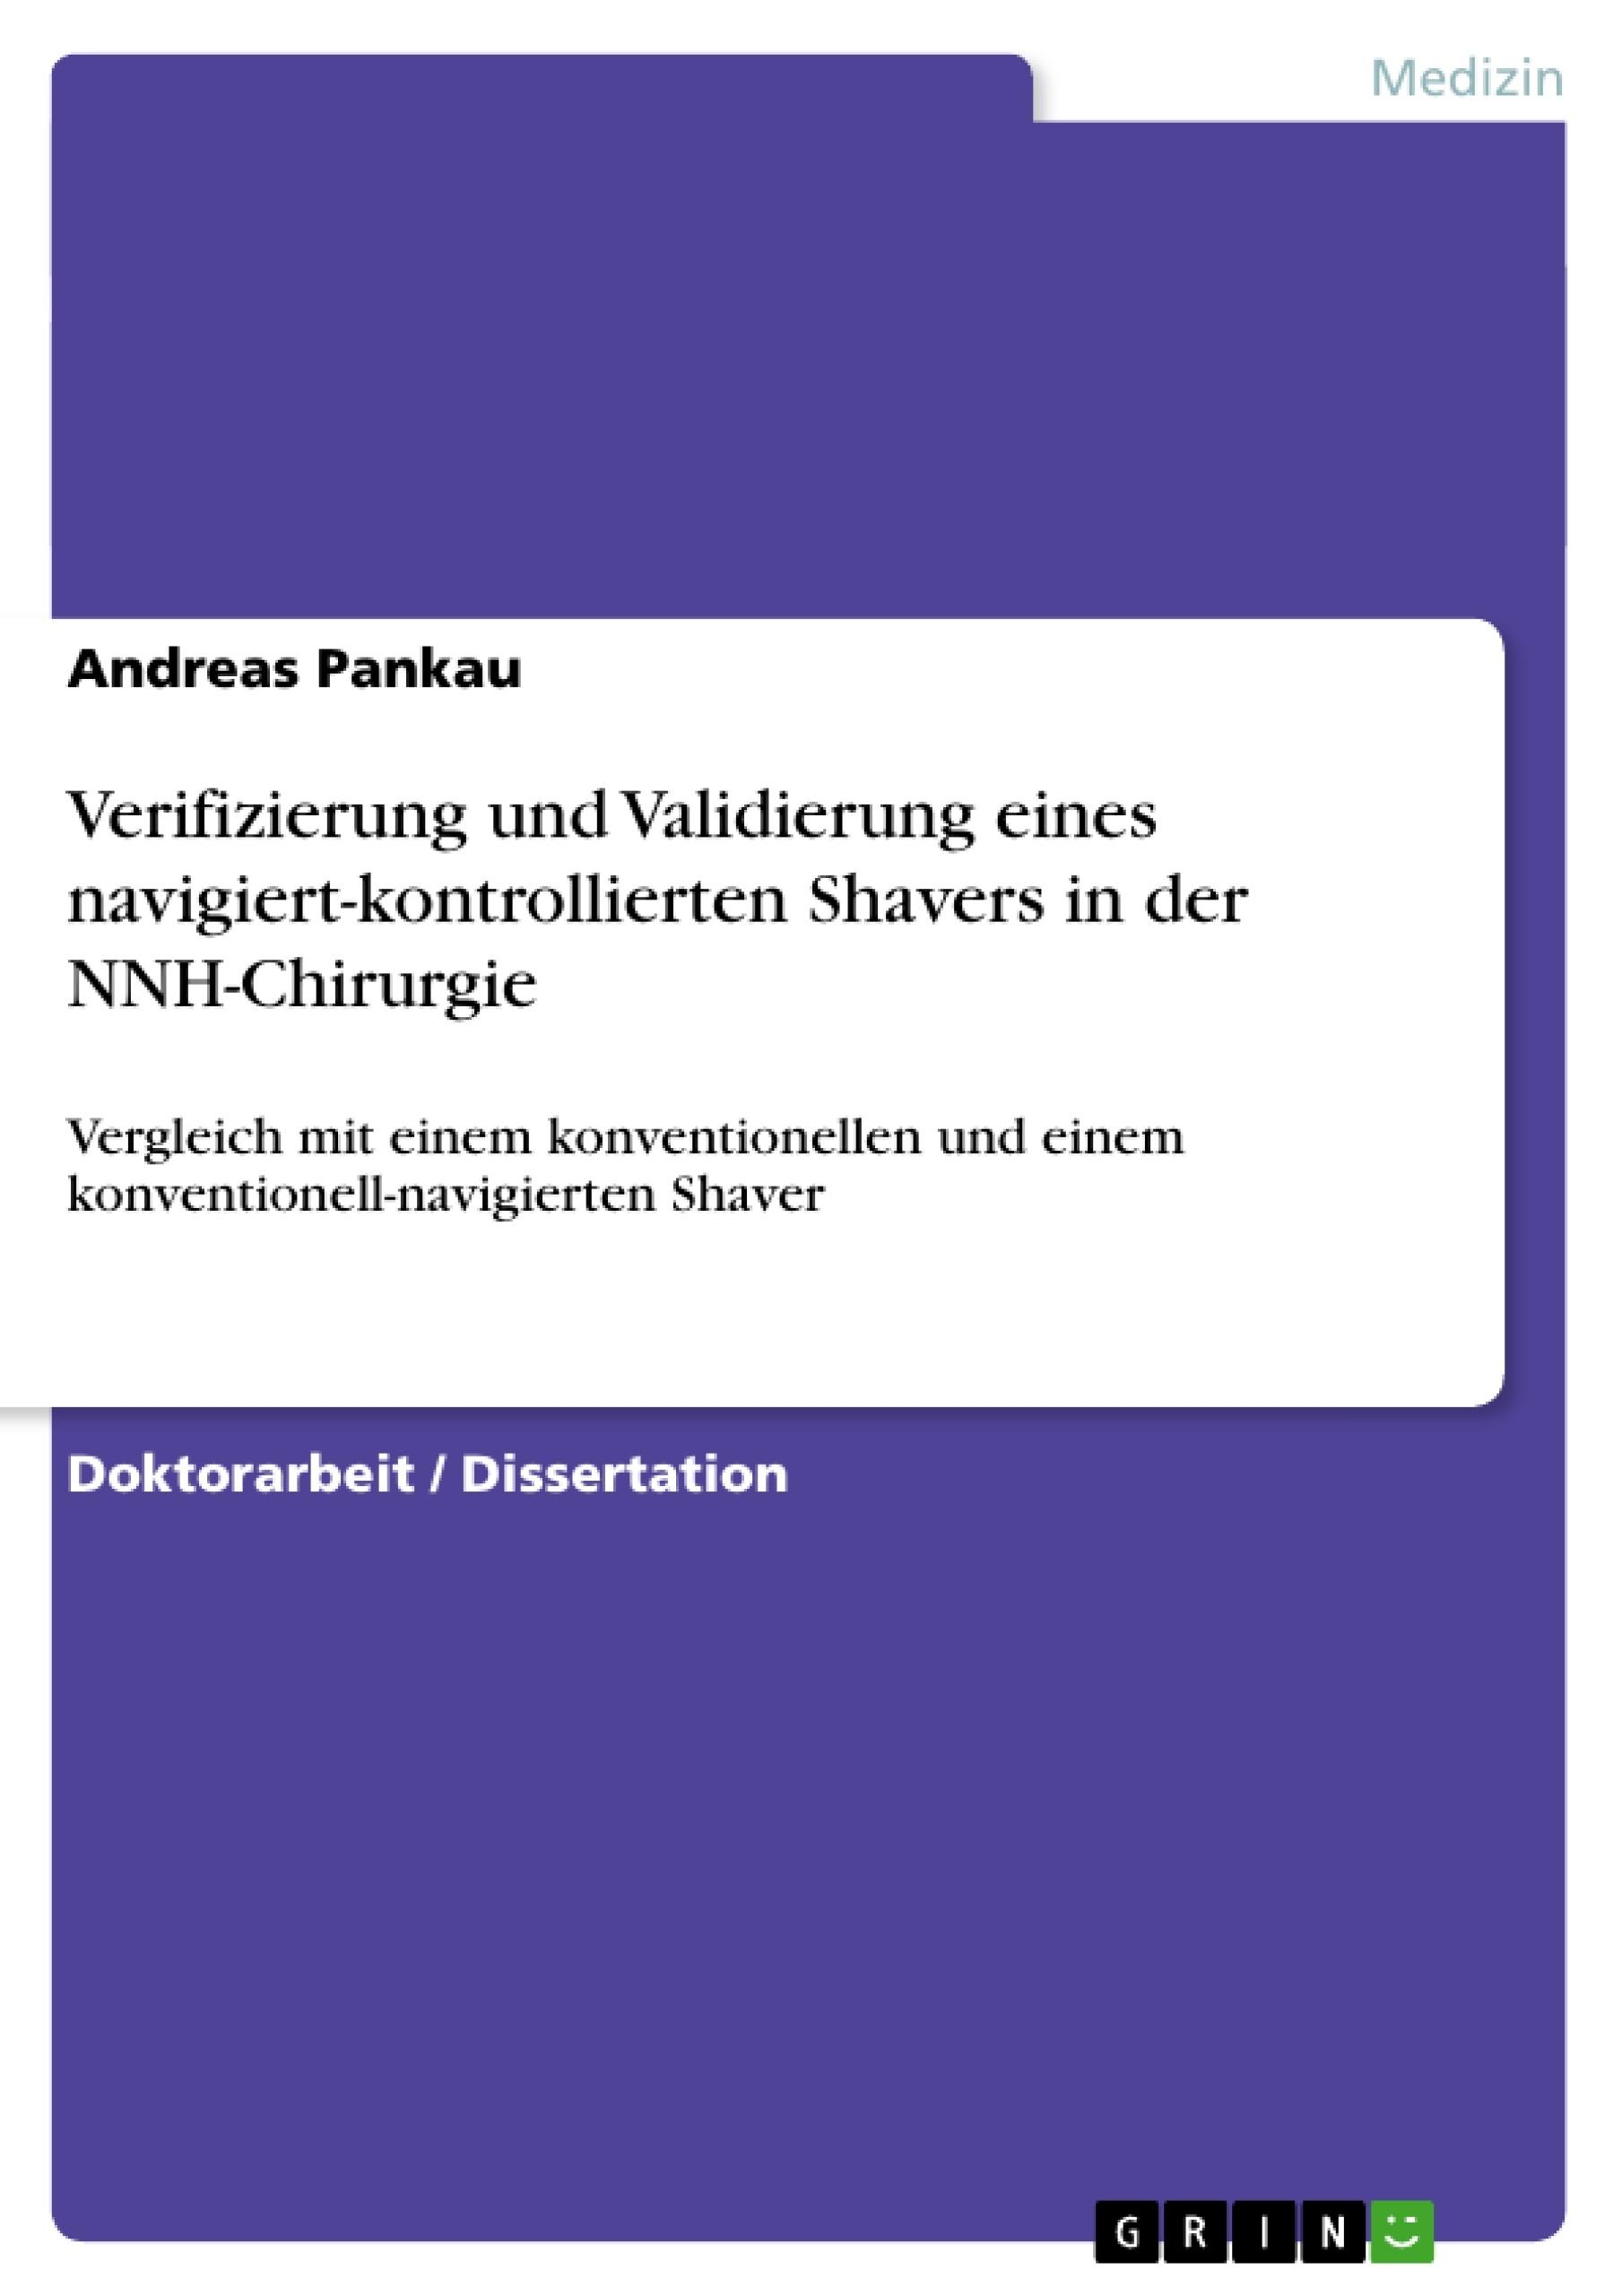 Titel: Verifizierung und Validierung eines navigiert-kontrollierten Shavers in der NNH-Chirurgie